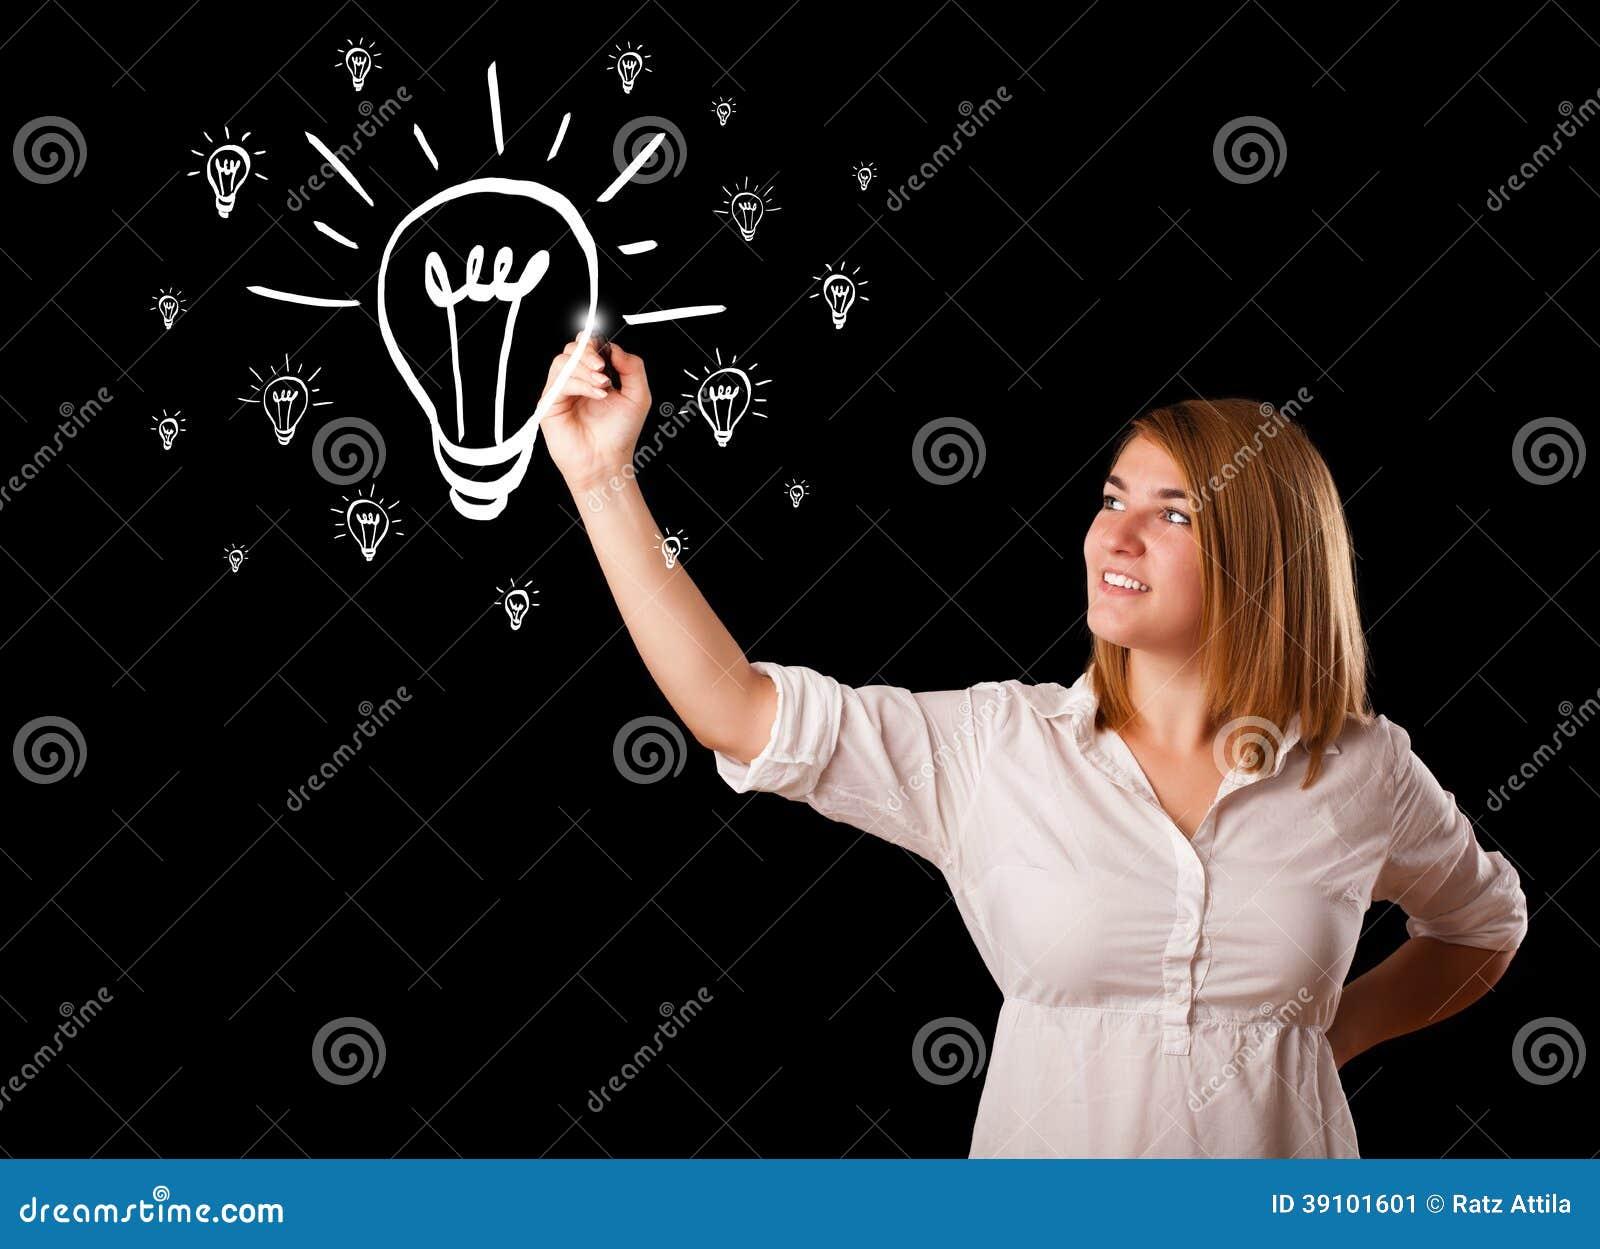 Vrouw die gloeilamp trekken op whiteboard